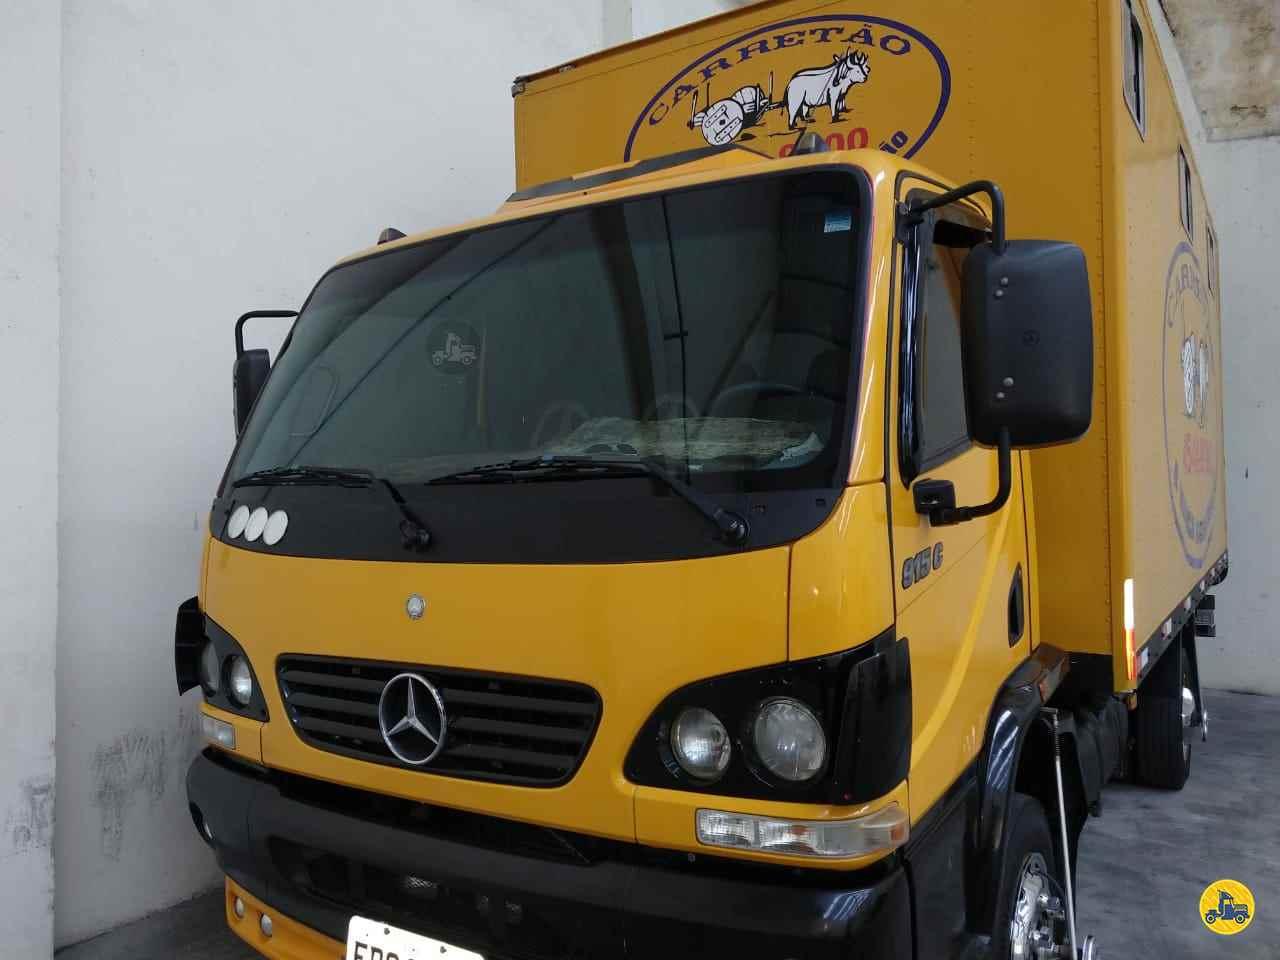 CAMINHAO MERCEDES-BENZ MB 915 Plataforma Toco 4x2 Wilson Caminhões RIBEIRAO PIRES SÃO PAULO SP